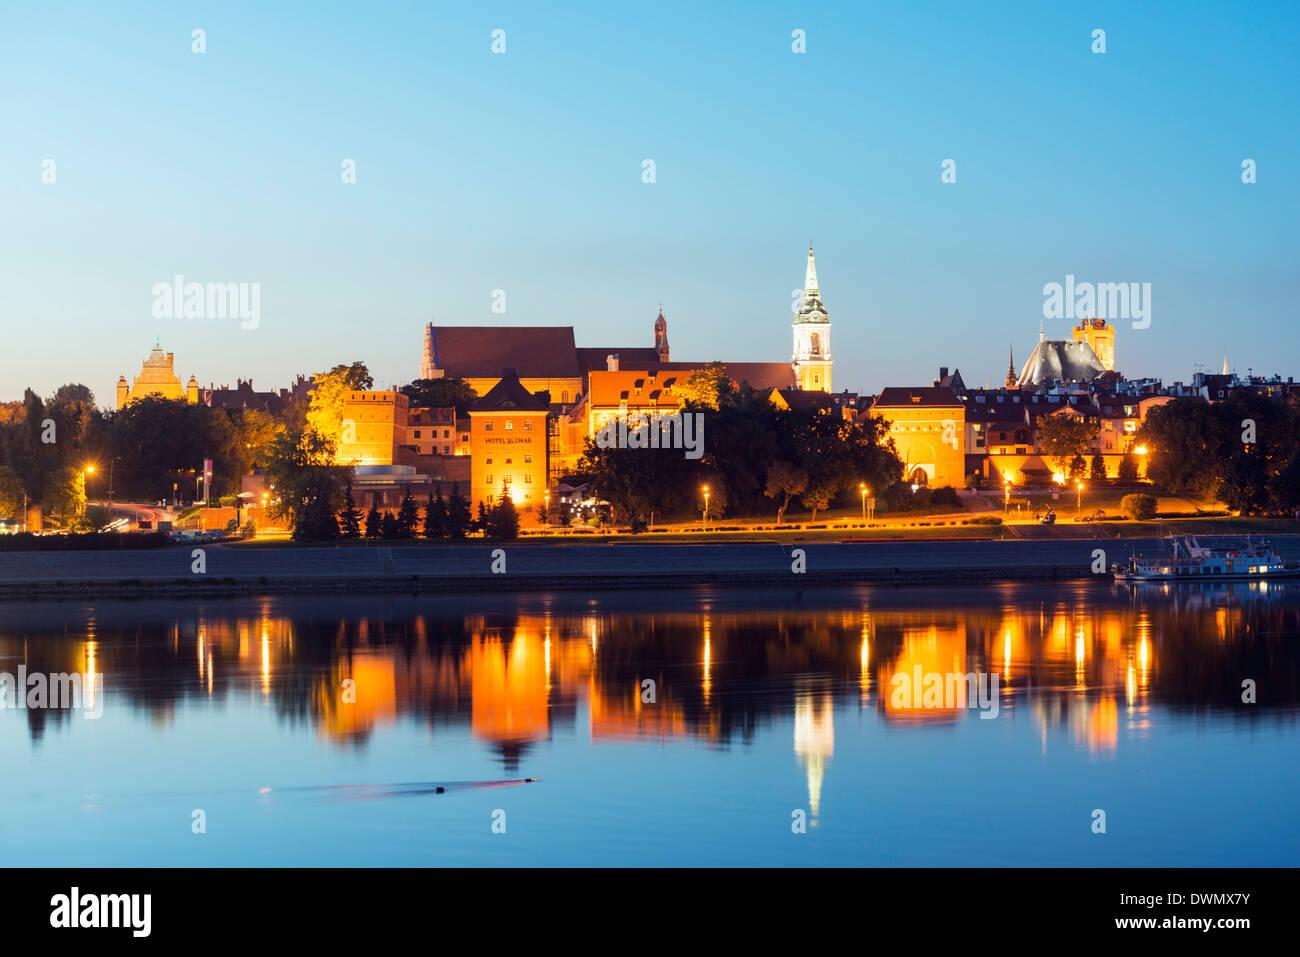 Europa, Polonia, Gdansk y Pomerania, Torun, la Antigua Ciudad Medieval de la Unesco, del río Vístula Imagen De Stock